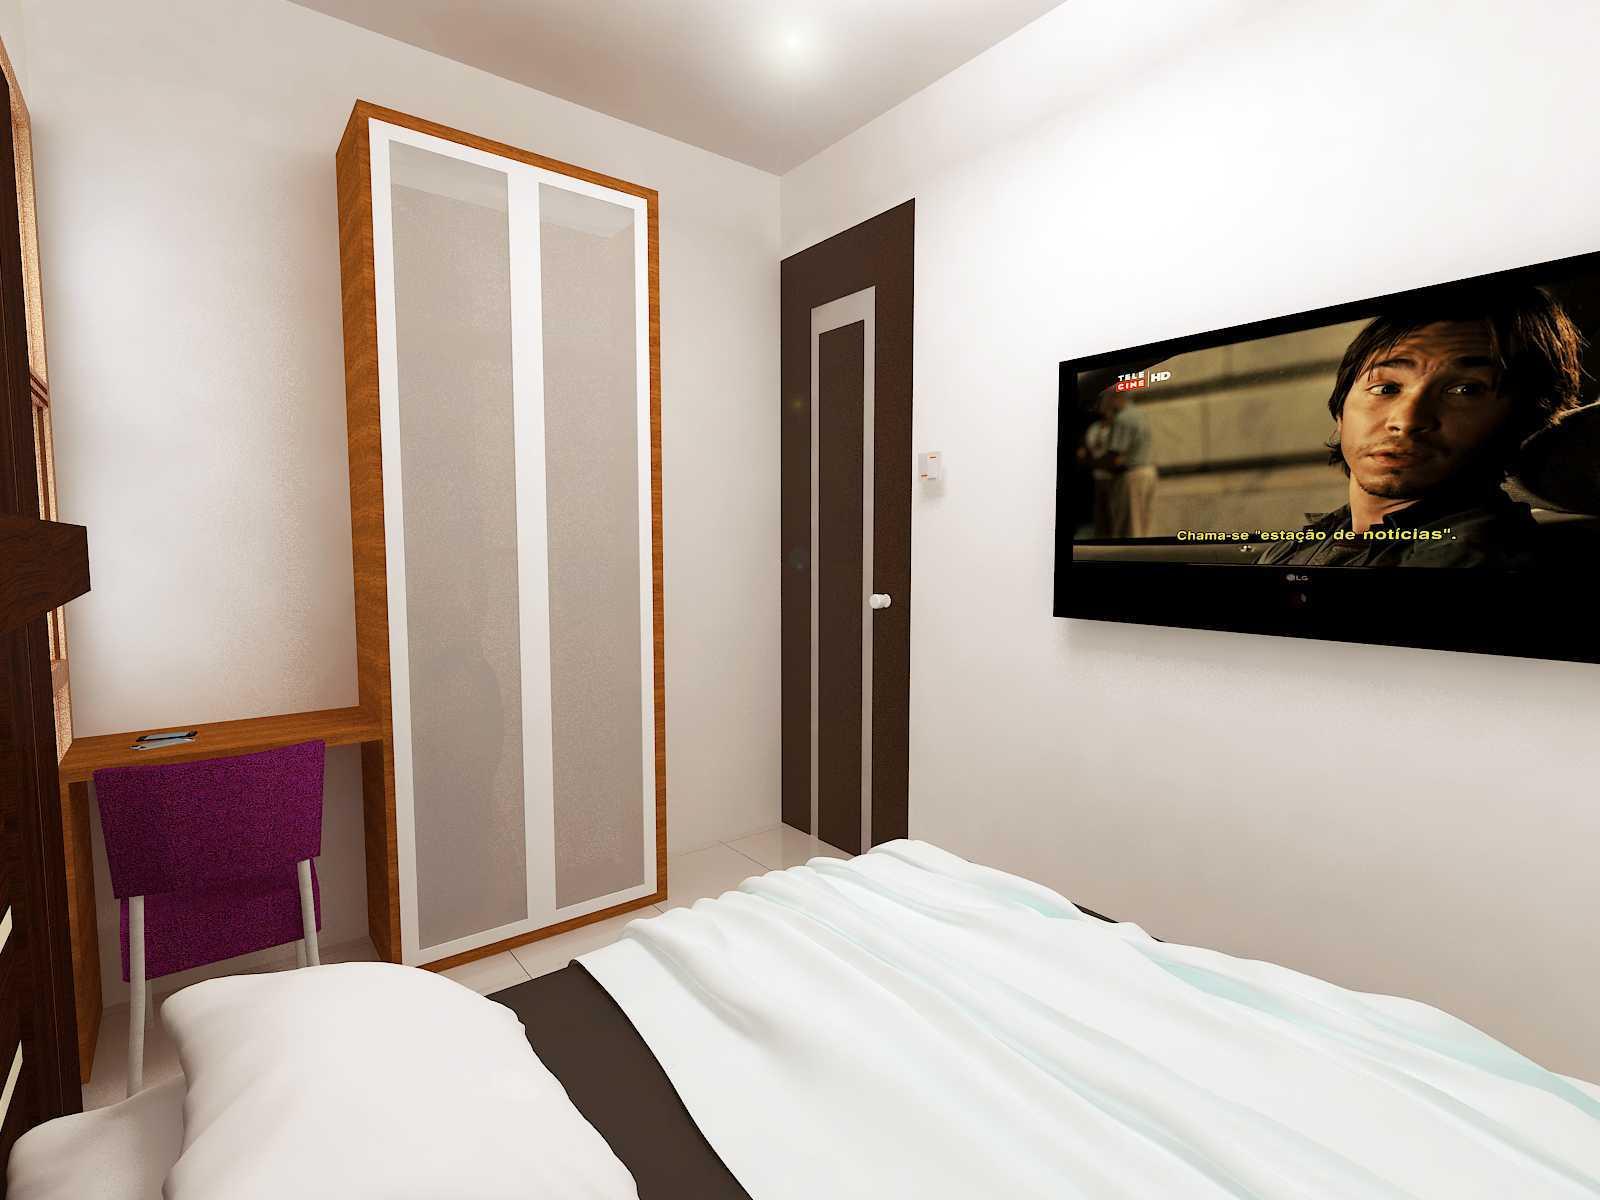 Archdesignbuild7 Rumah Minimalis Di Kopo Jl. Kopo Sayati , Bandung Jl. Kopo Sayati , Bandung Bedroom Minimalis  13298